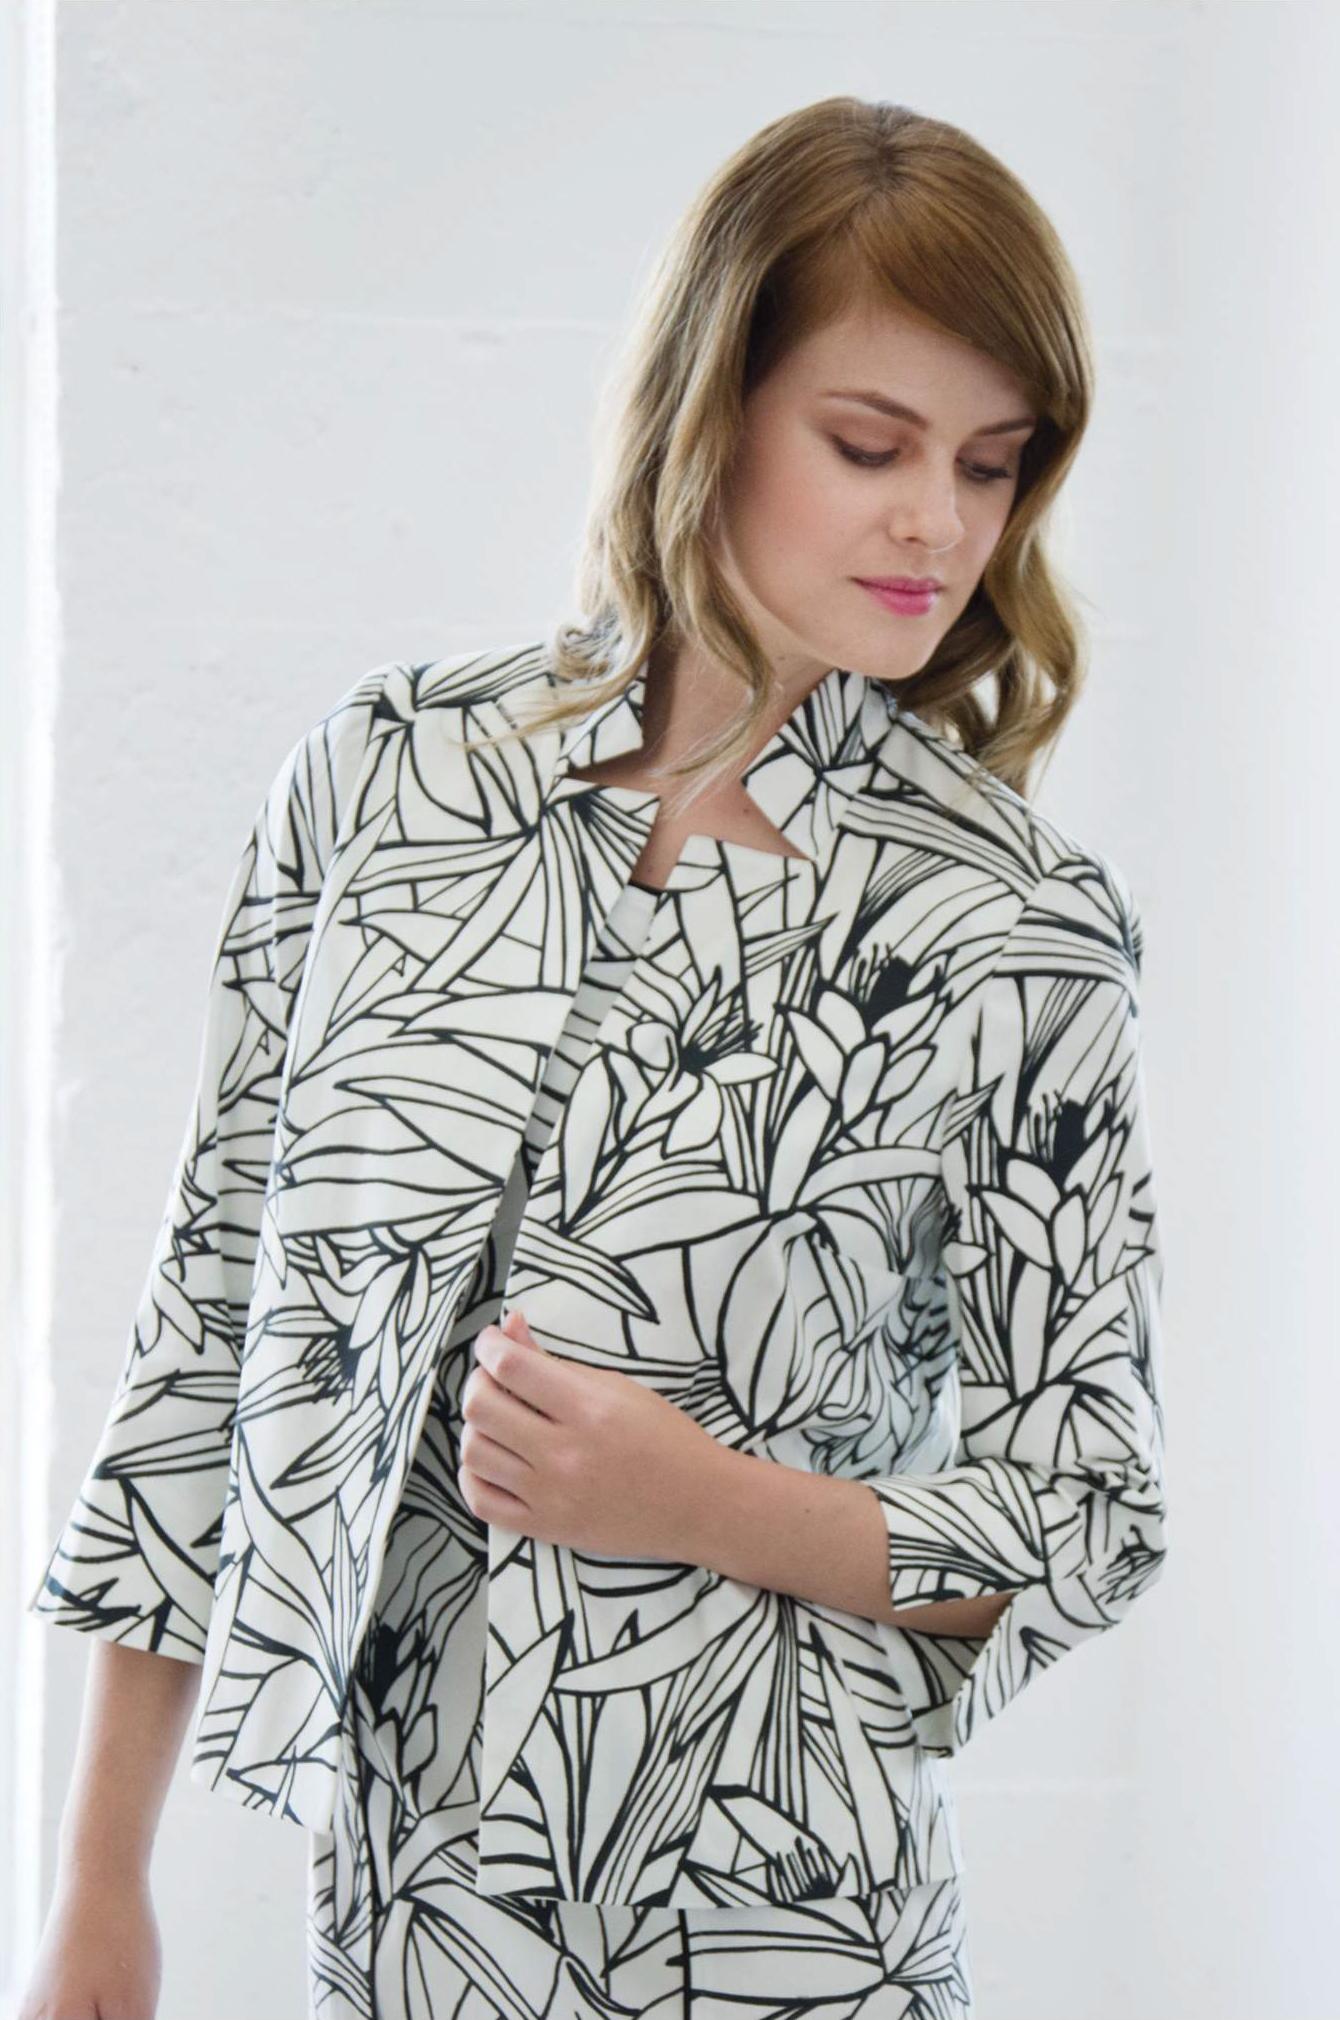 Jacket: Kendra 1, Dress: Polly 2 - SANTORELLI